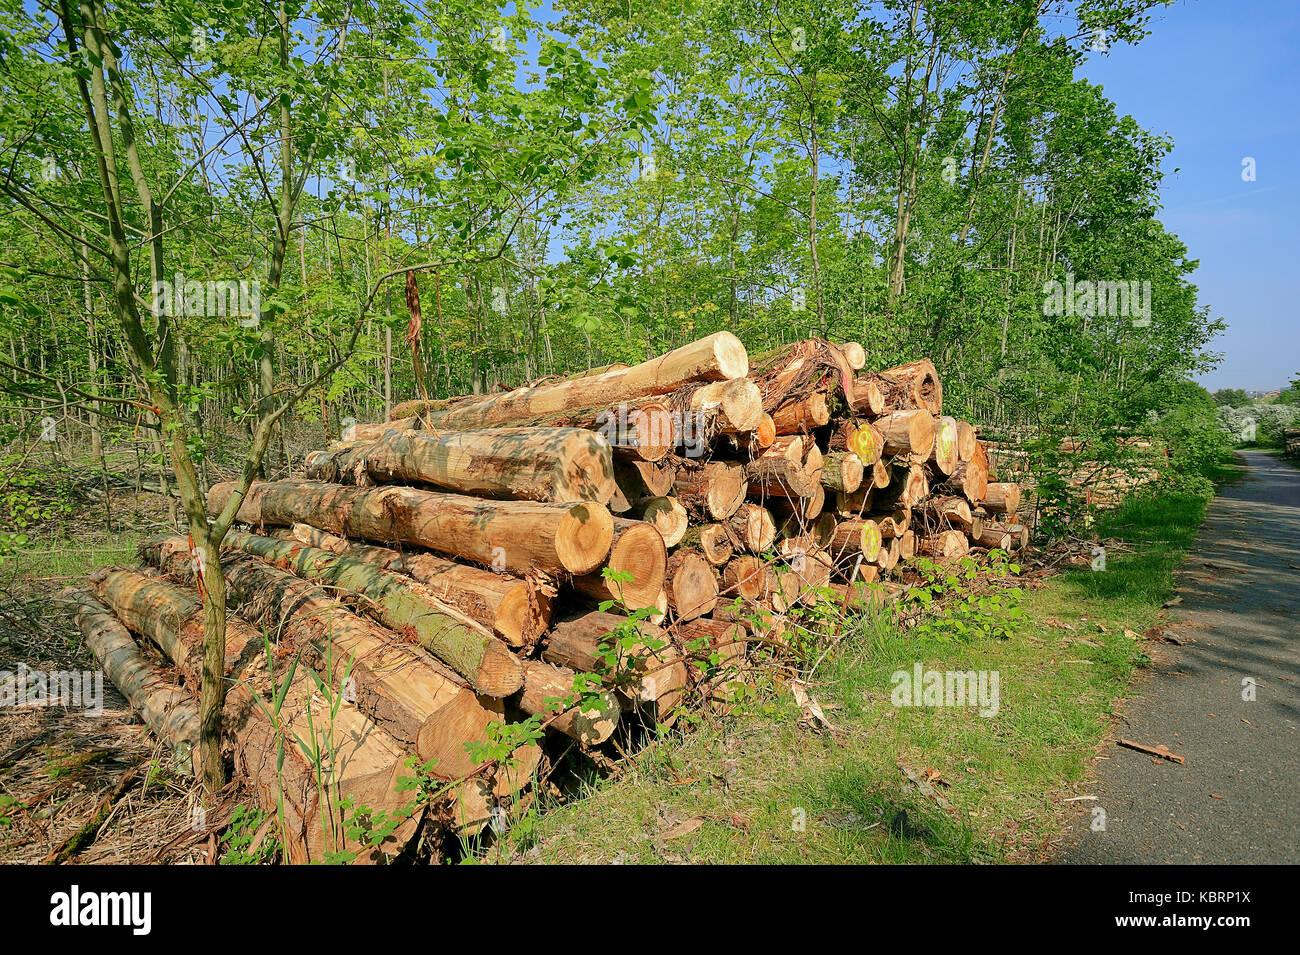 Pile of wood, North Rhine-Westphalia, Germany | Holzstapel an Waldrand, Nordrhein-Westfalen, Deutschland - Stock Image